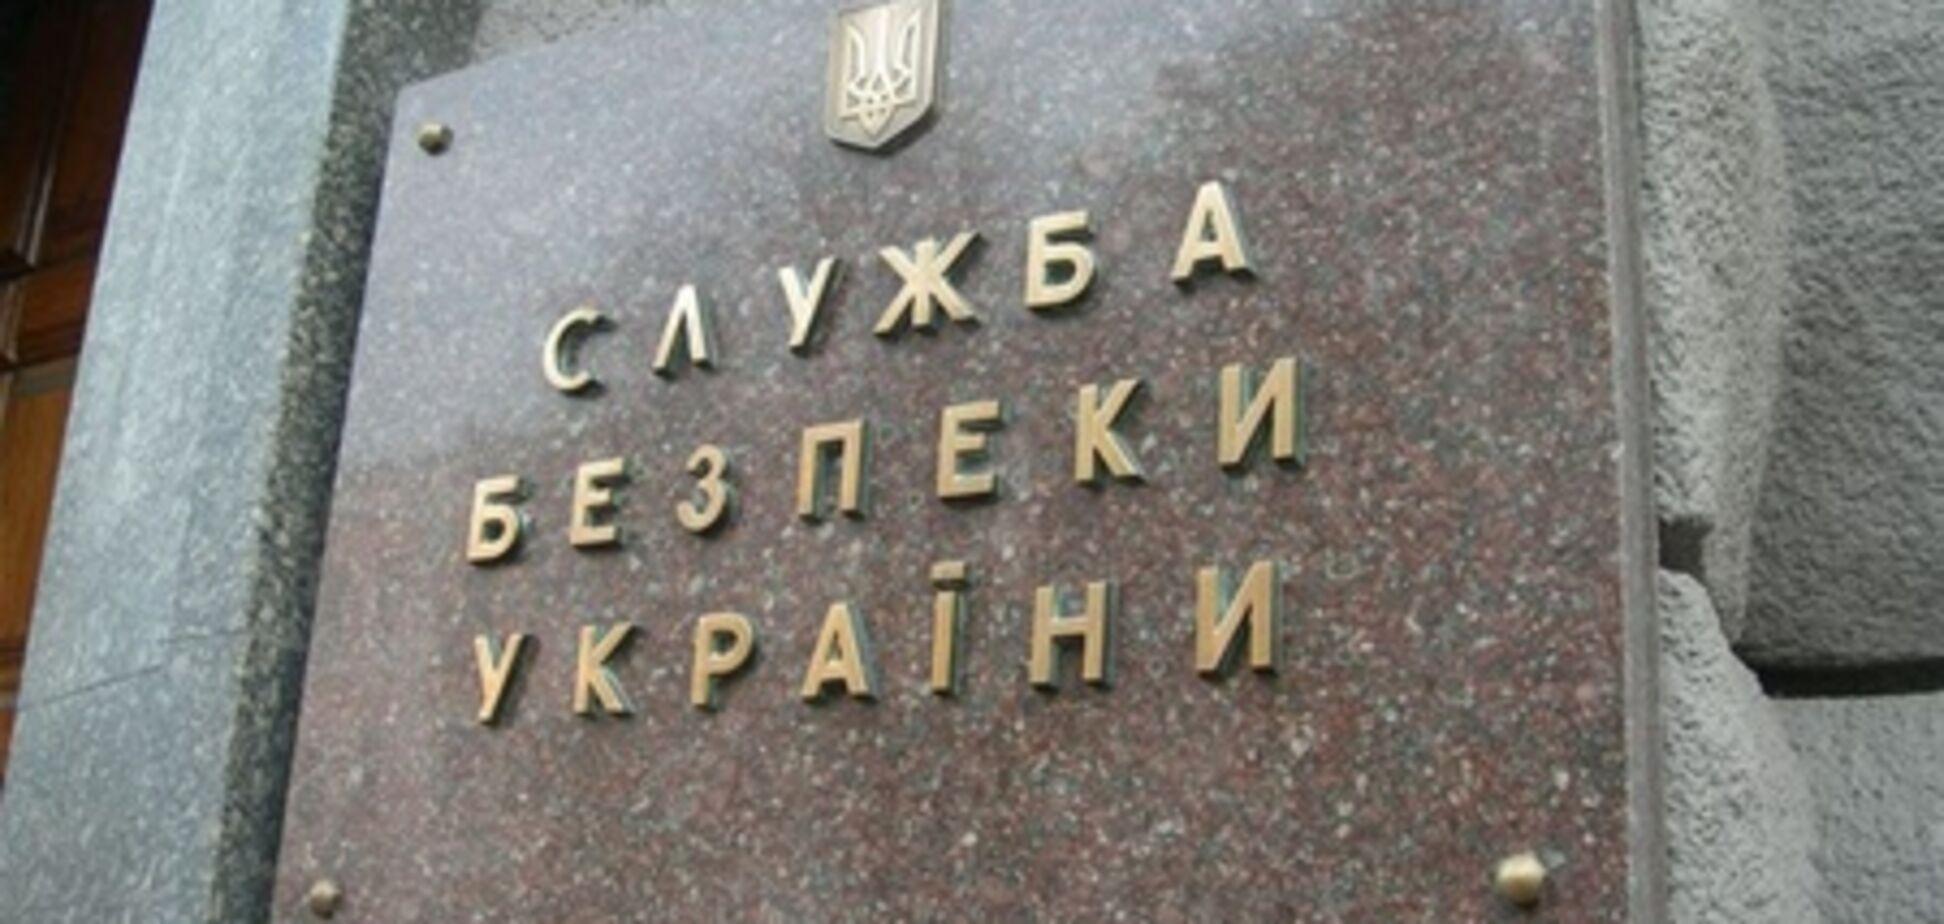 СБУ обыскала офисы «Киевоблавтодора», «Укравтодора» и «Энергорынка» - источник